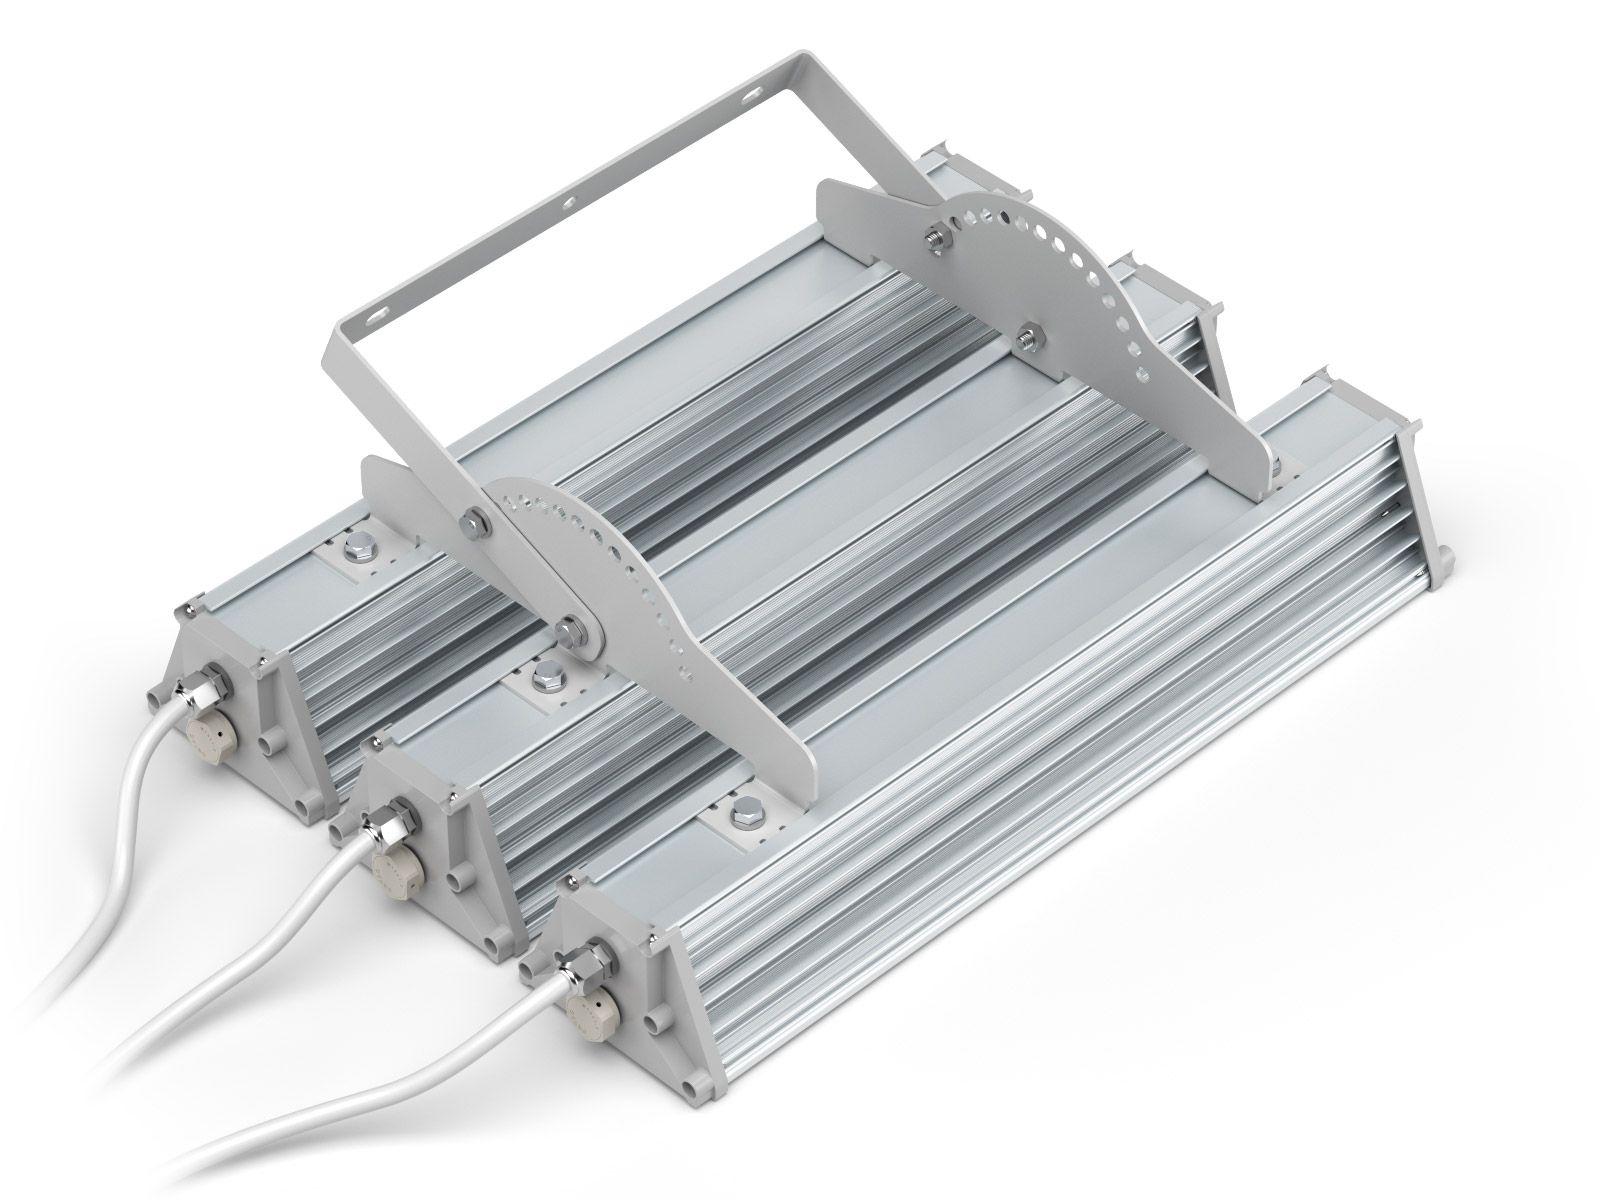 Объединяющая планка на 3 светильника с ухом регулировки